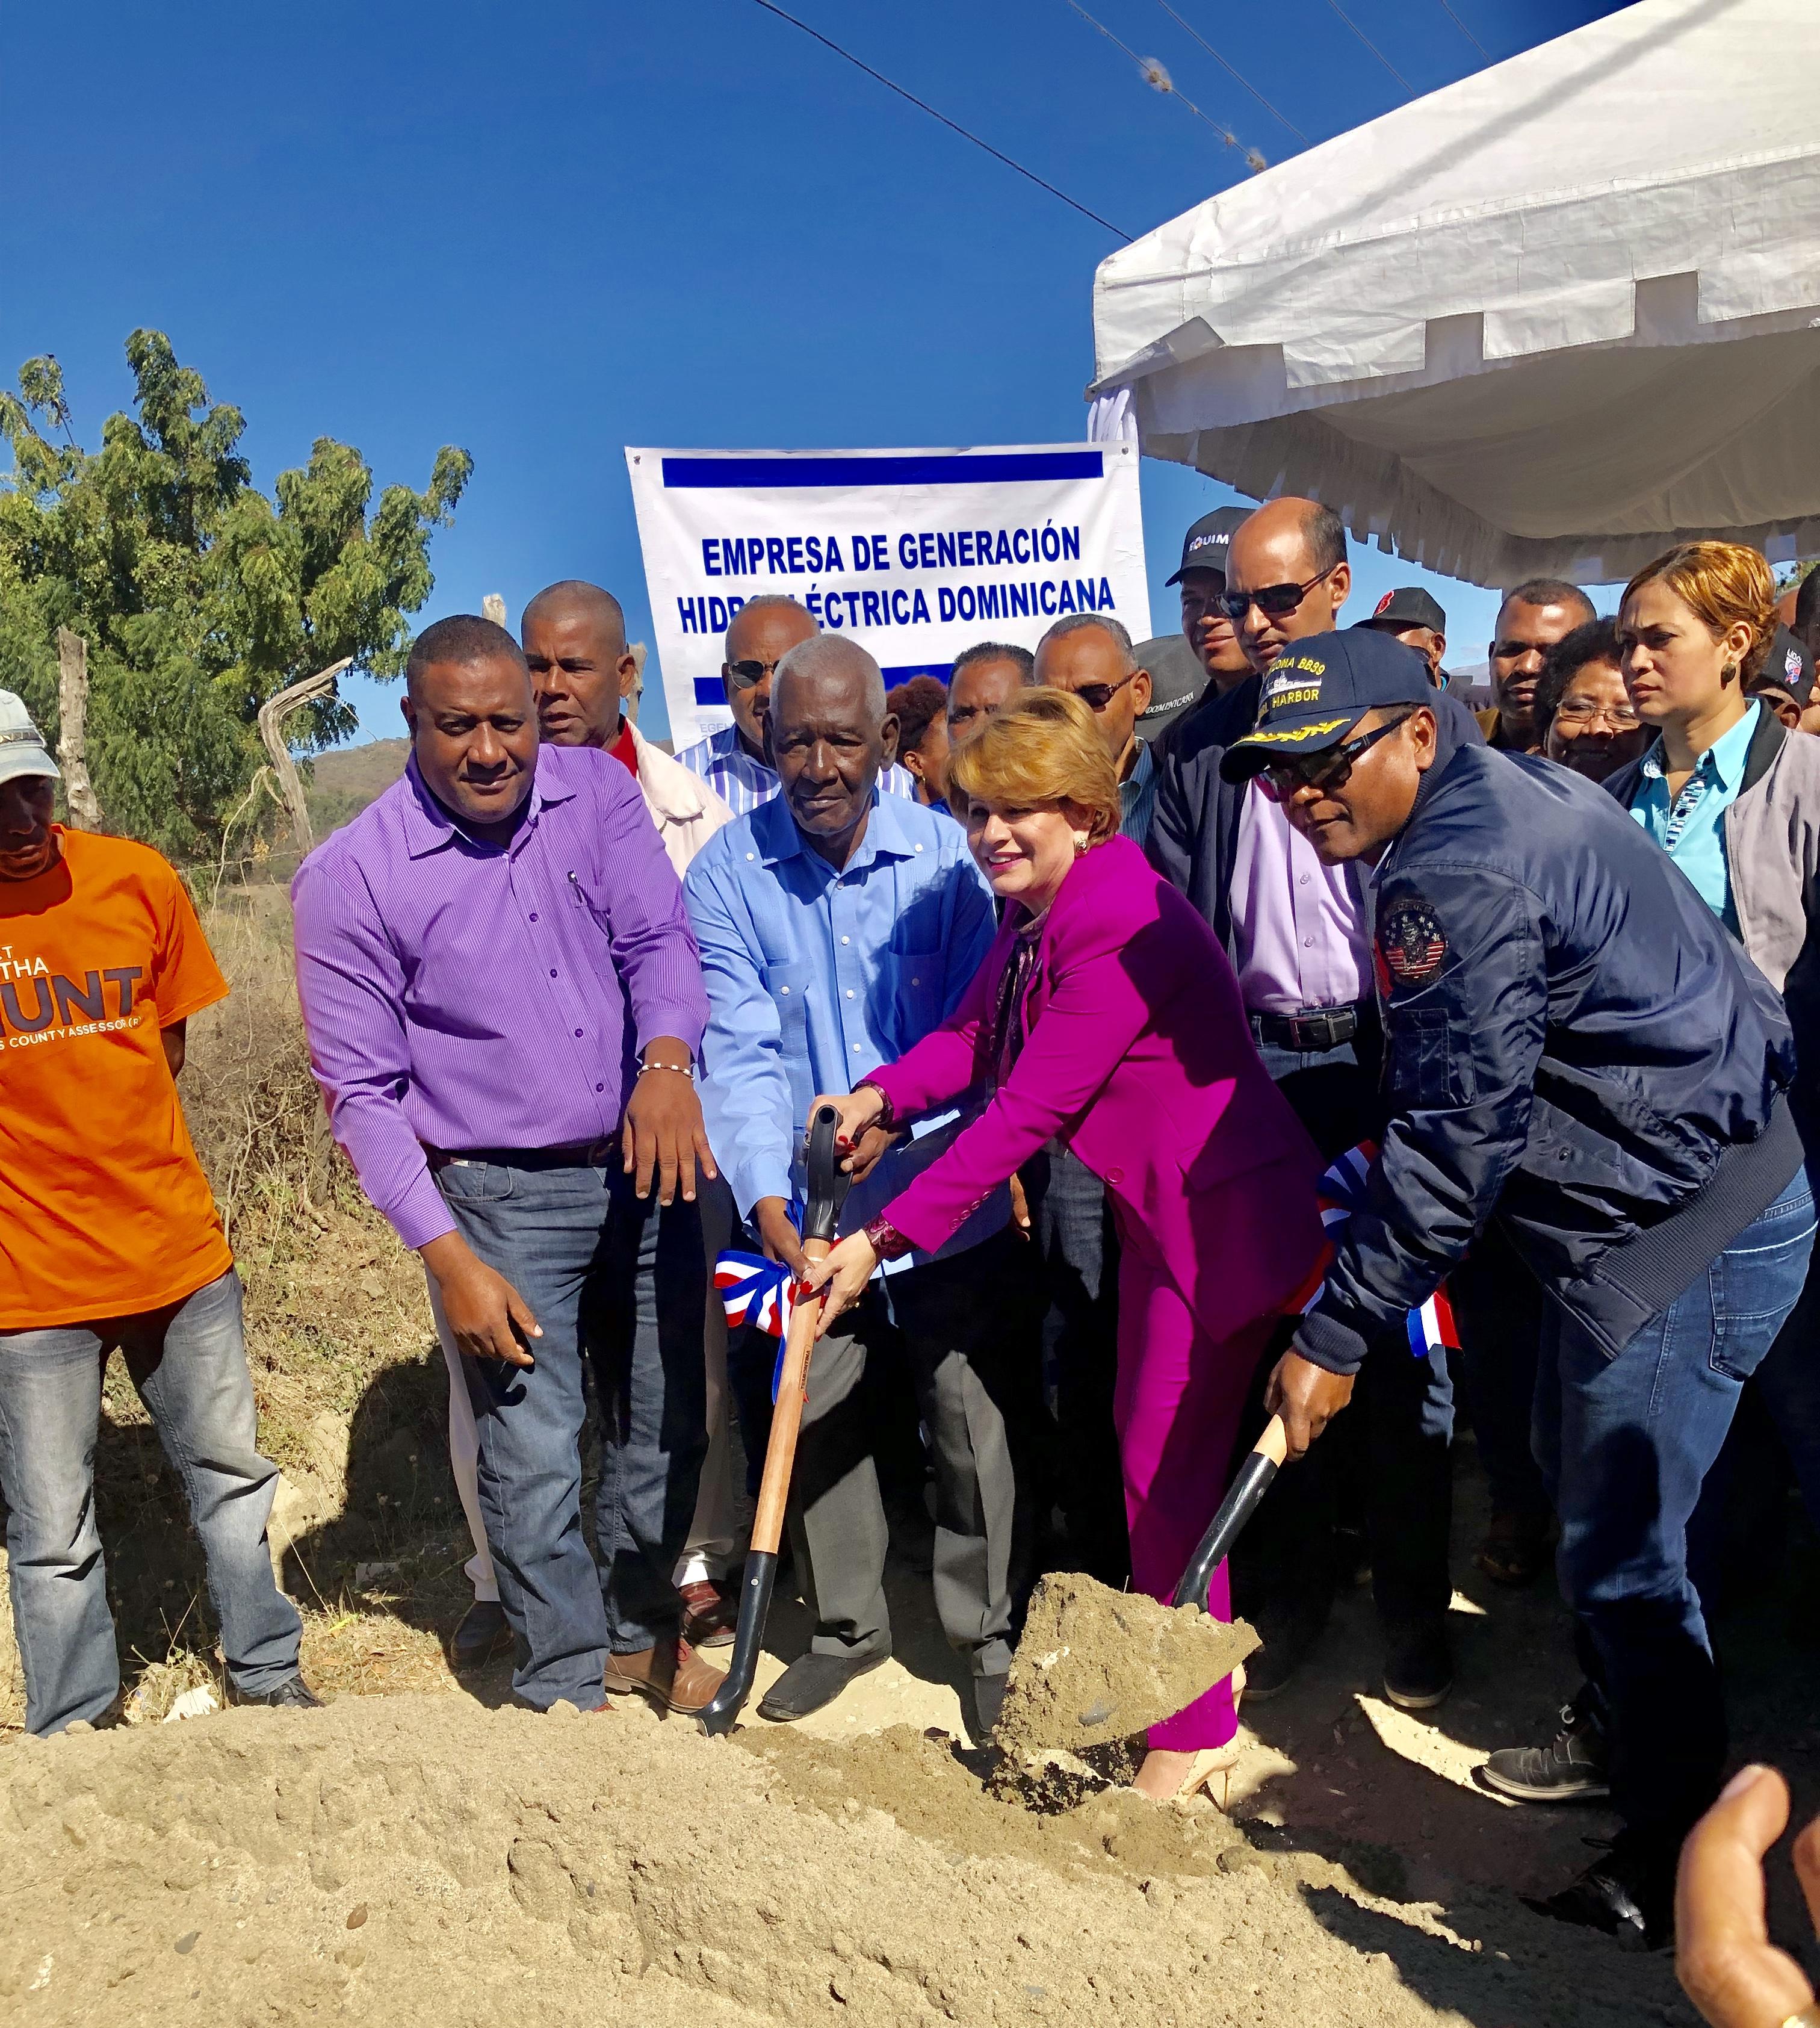 EGEHID inicia construcción  conjunto de obras para beneficiar comunidades empobrecidas de San Juan